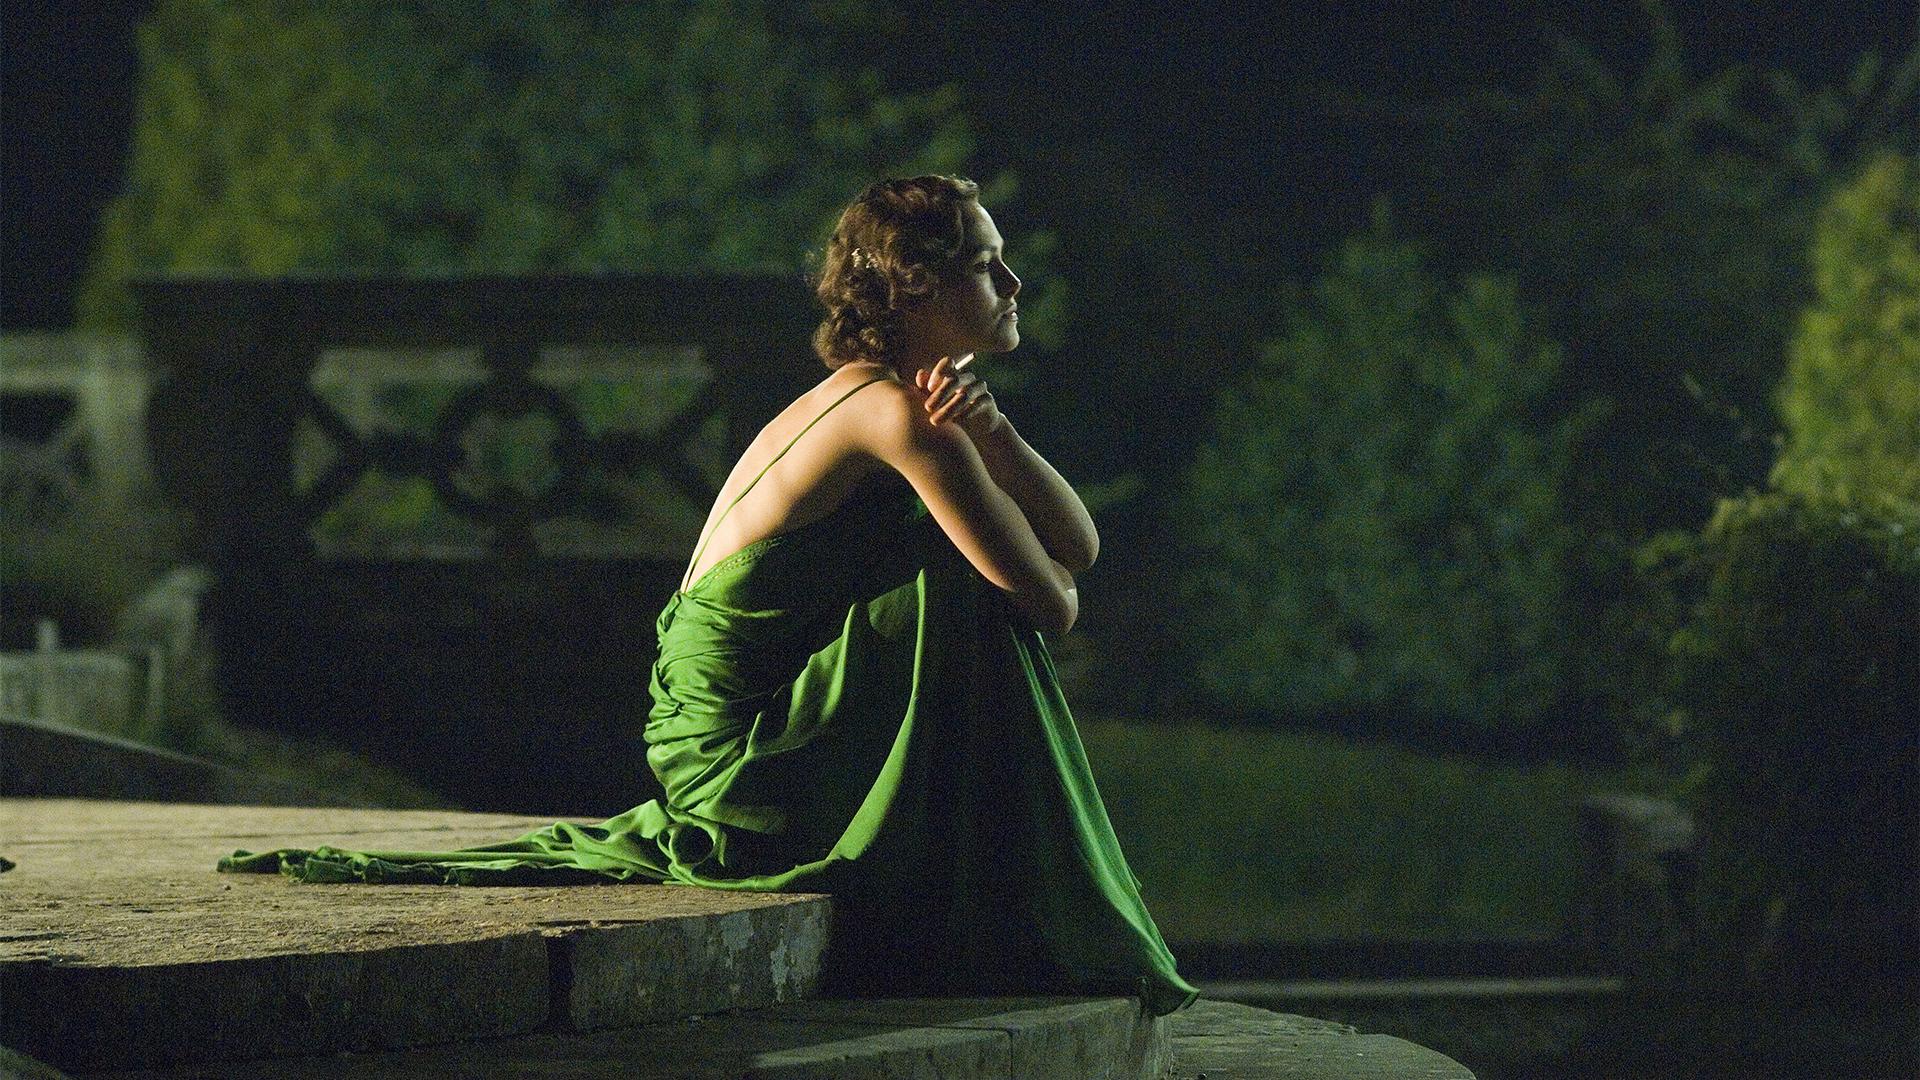 jak sie nie rozczarowac - Jak nie rozczarować się filmową adaptacją literatury?